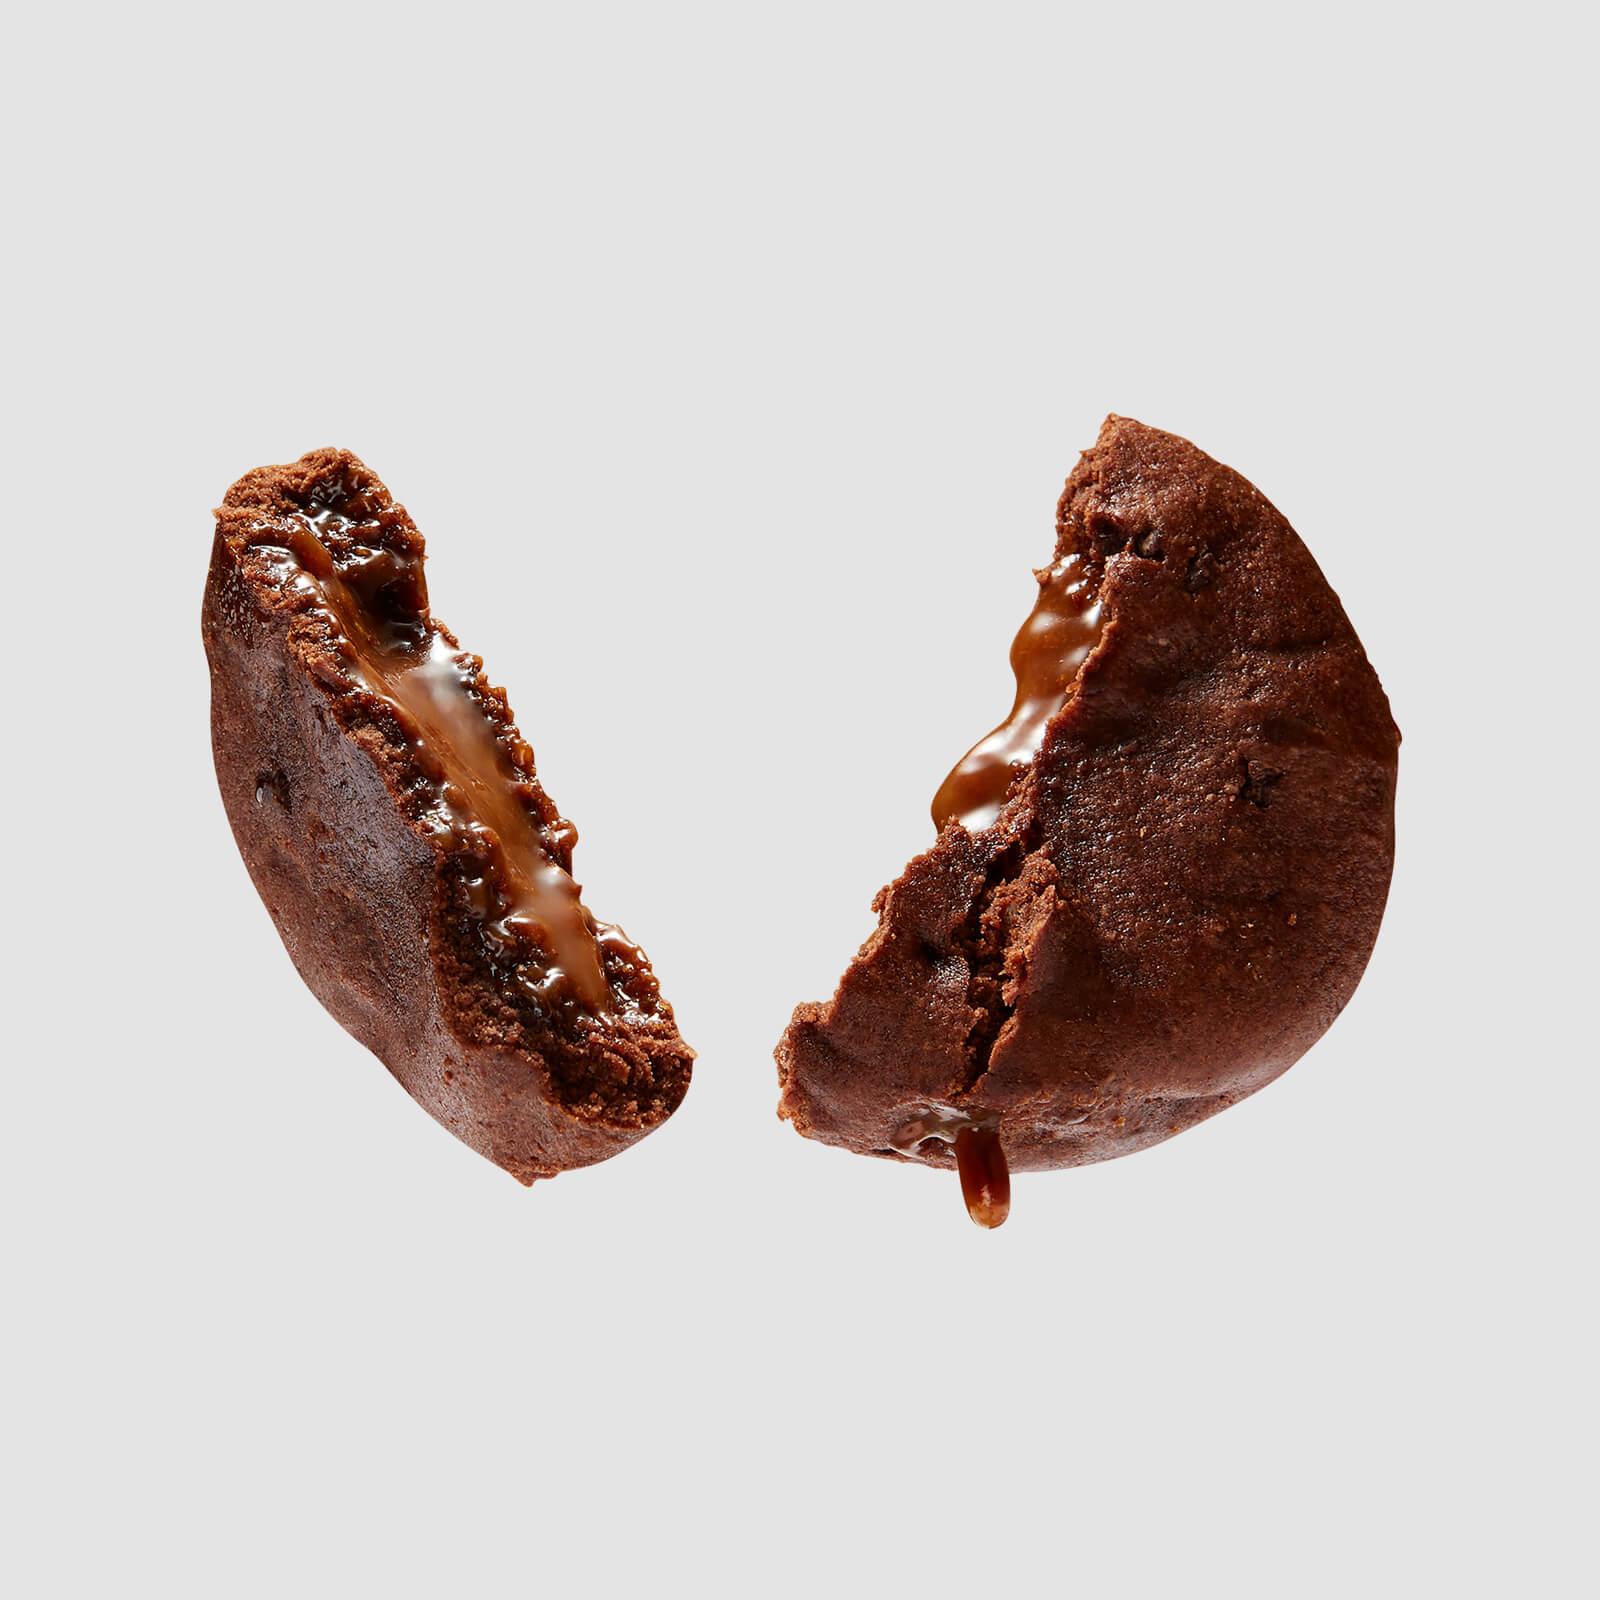 Cookie protéiné fourré - Double Chocolat & Caramel